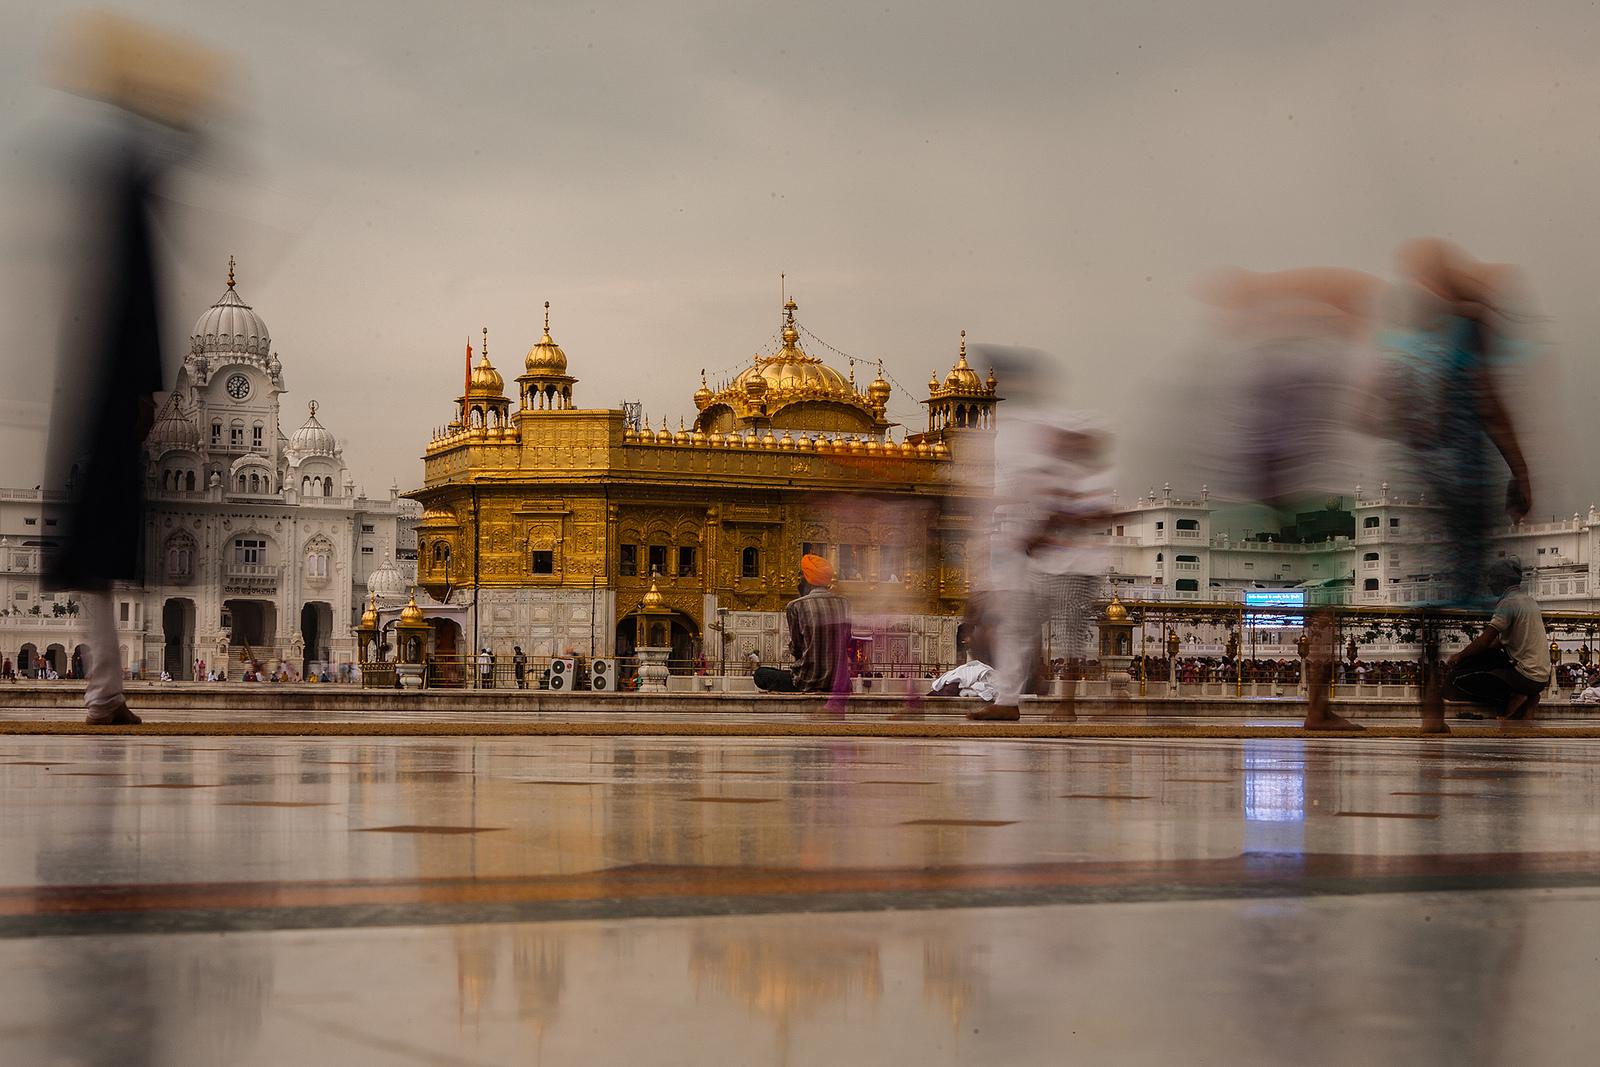 Vuelo directo a Delhi - Golden Temple, Amritsar